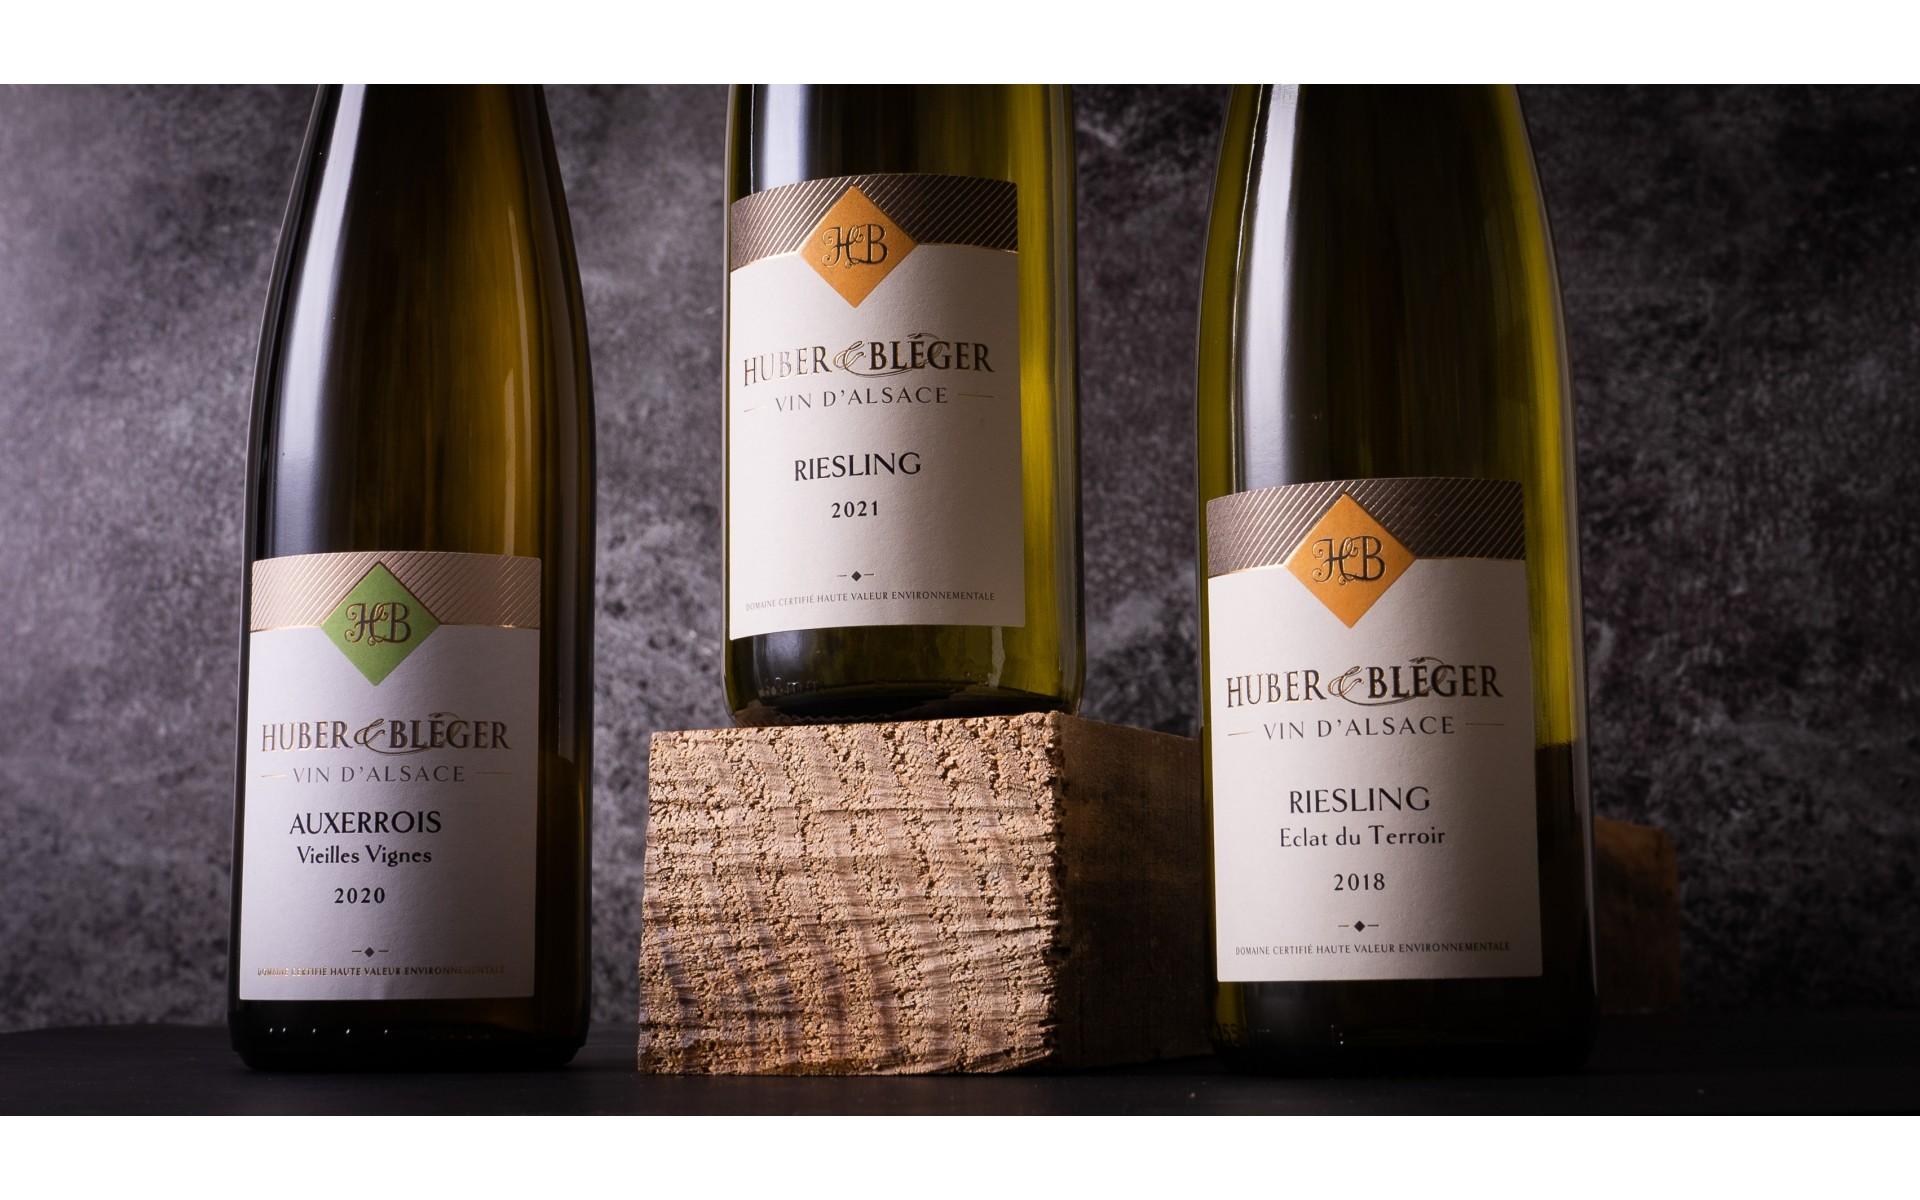 Huber & Bléger - Nos vins blancs d'Alsace secs et racés à Saint-Hippolyte près de Colmar